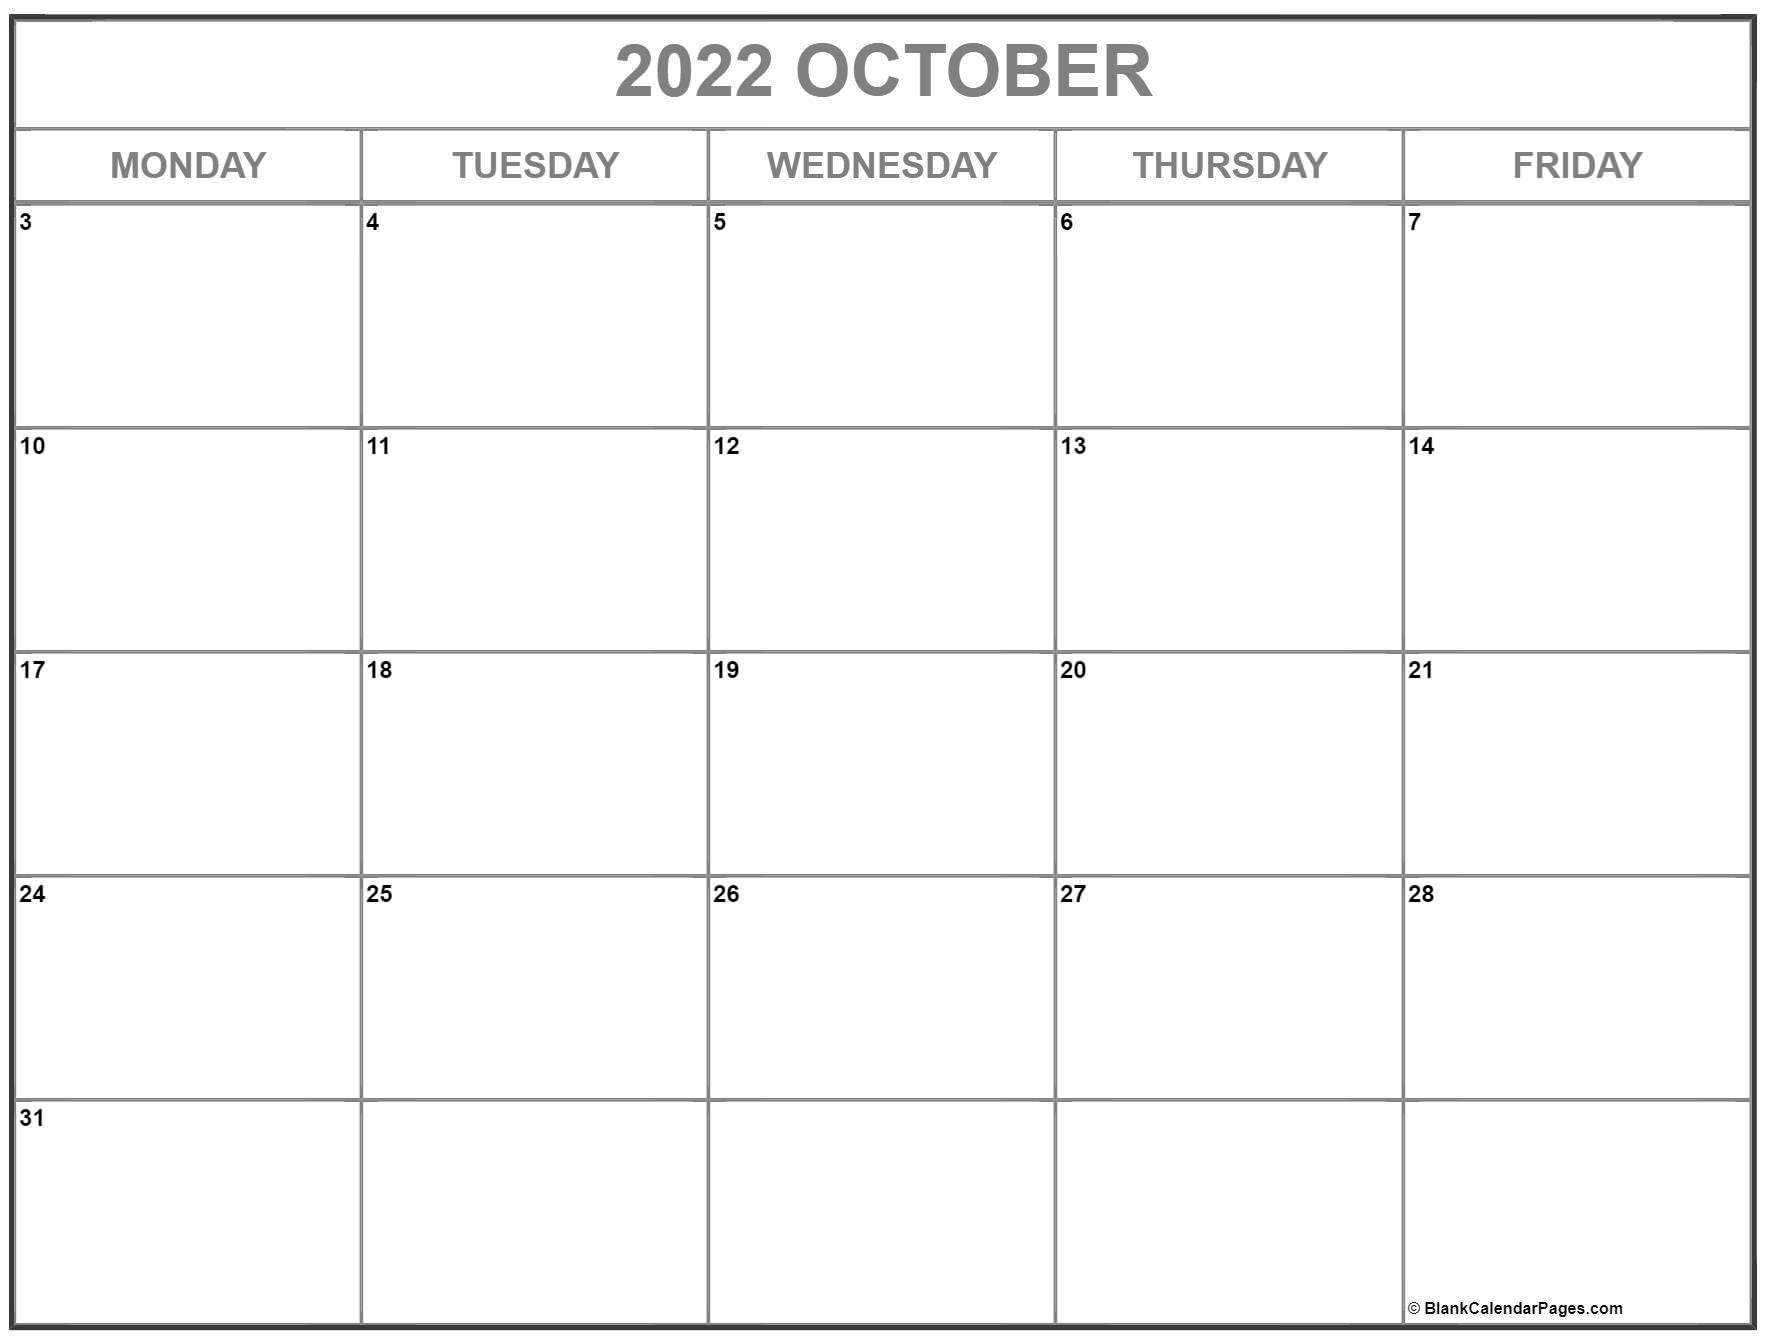 October 2022 Monday through Friday calendar.